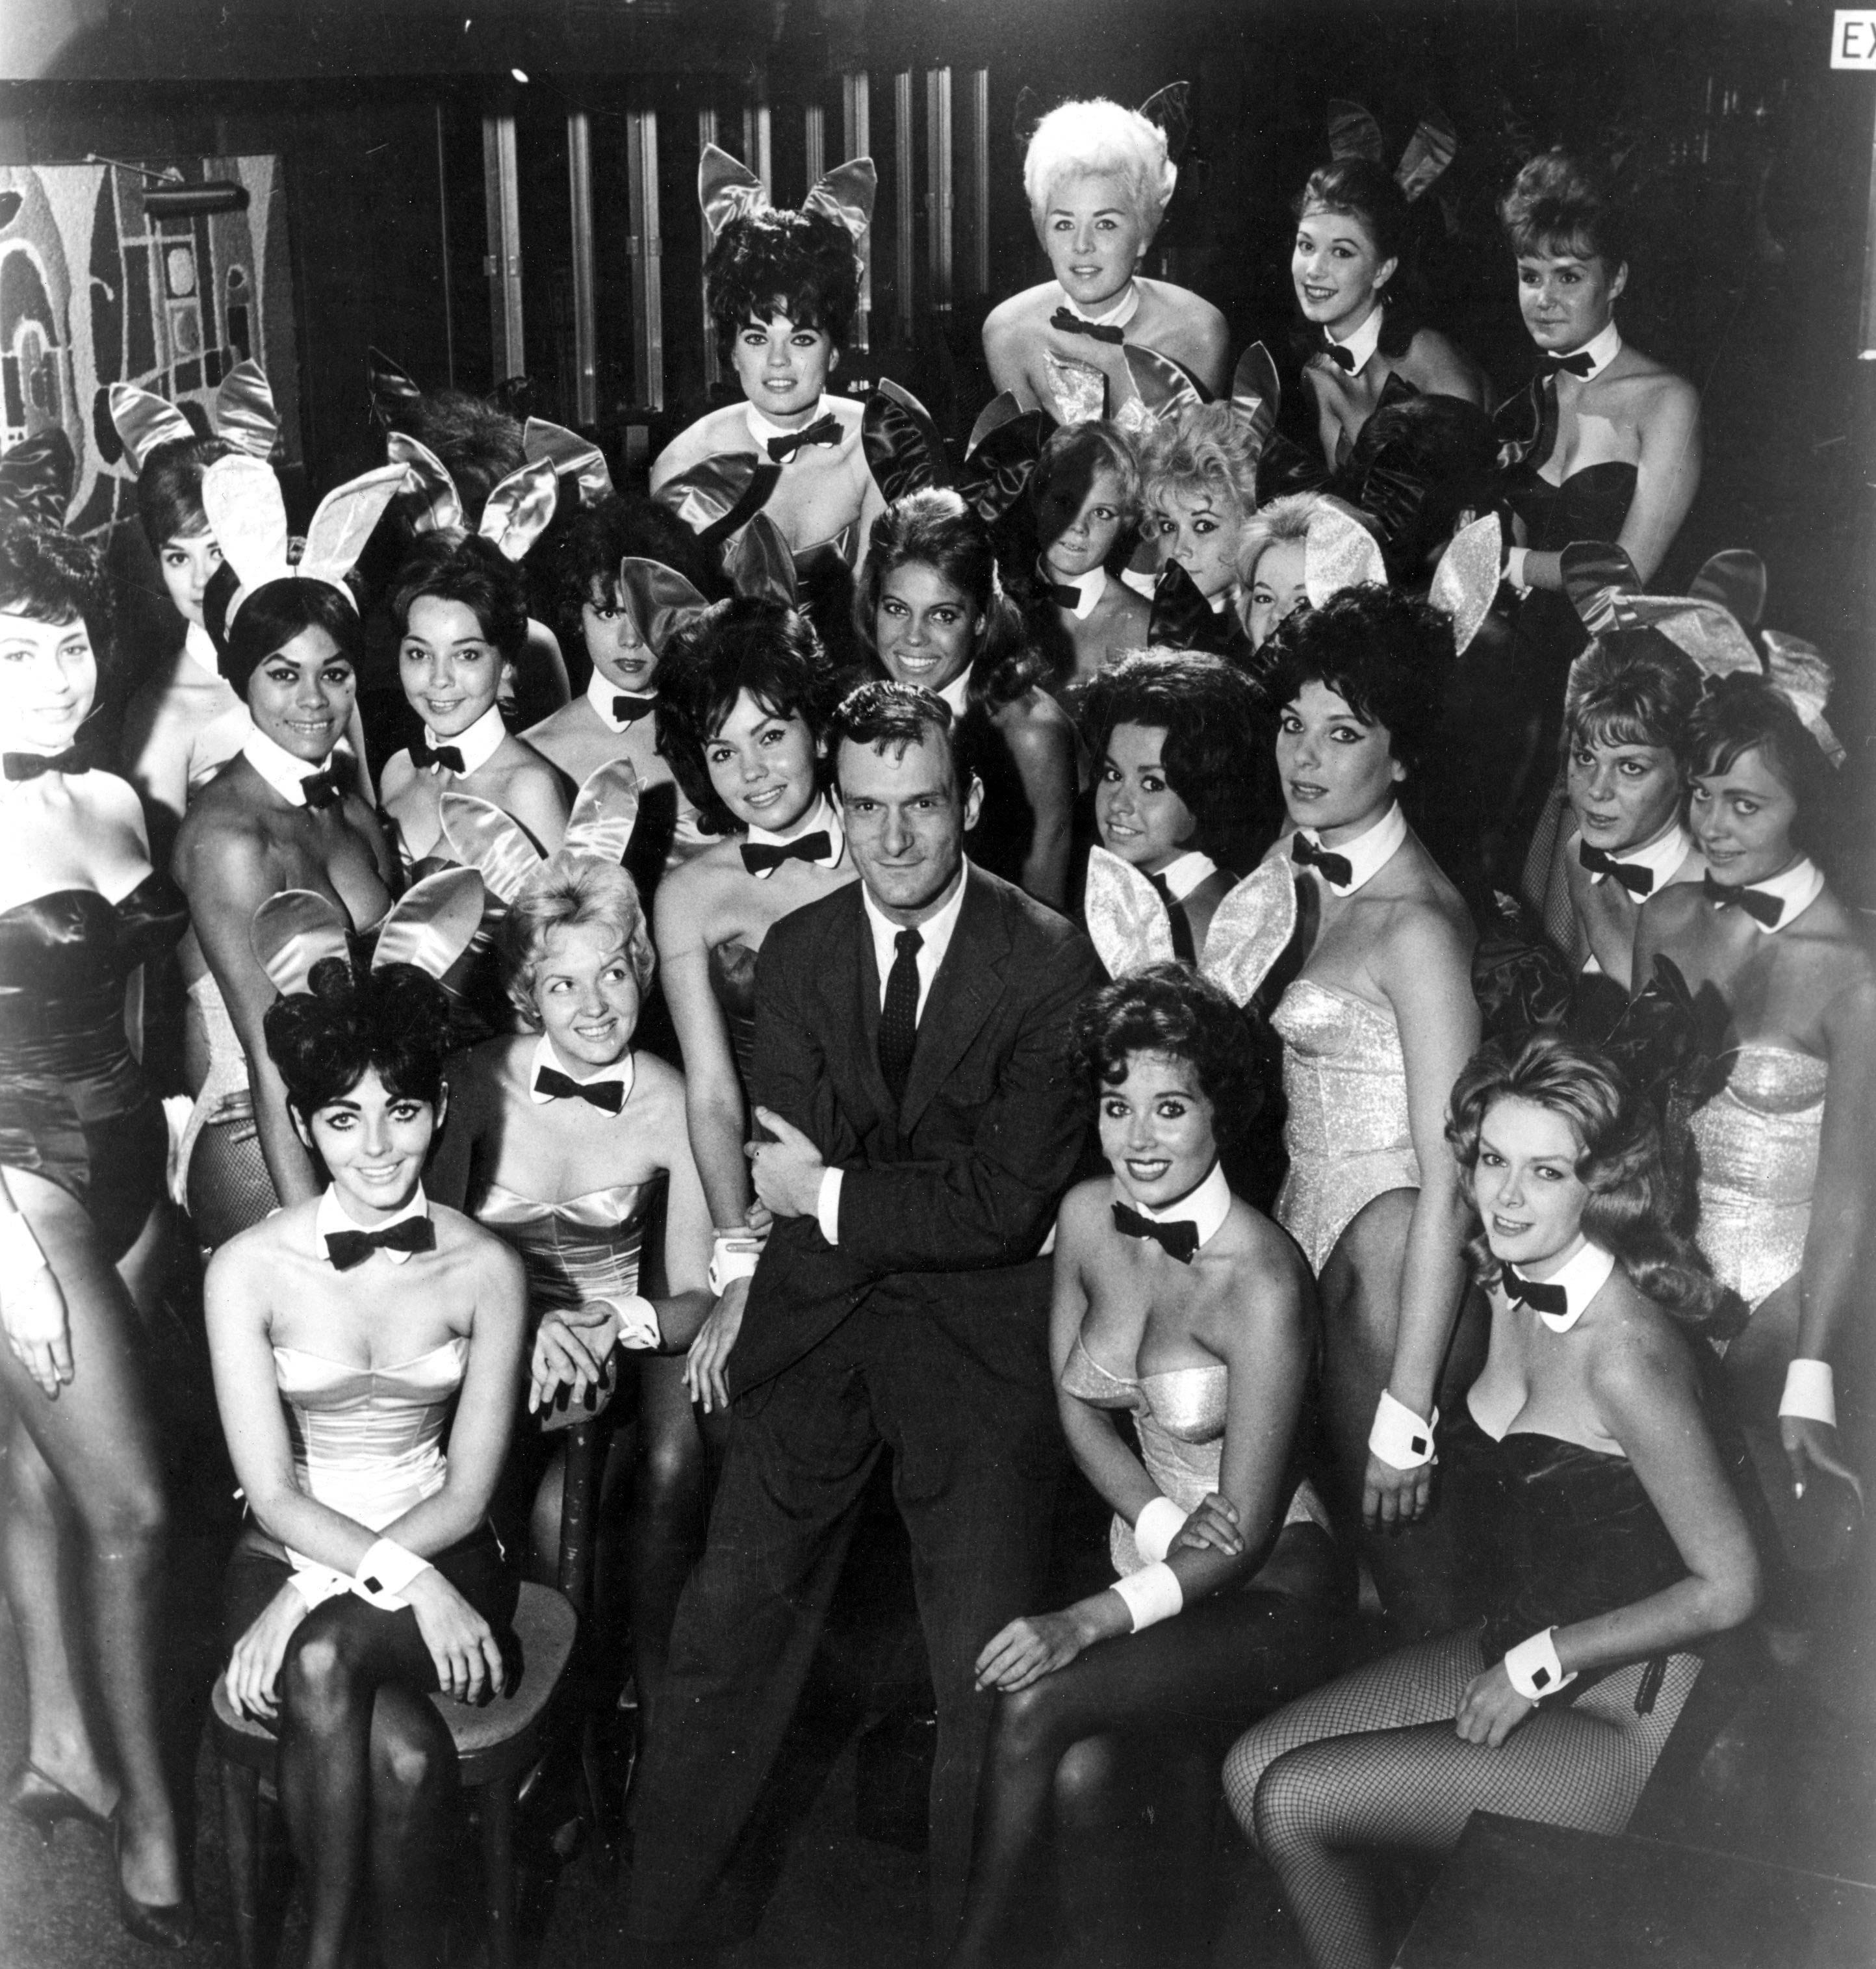 Hugh Hefner at a Playboy Club in 1962